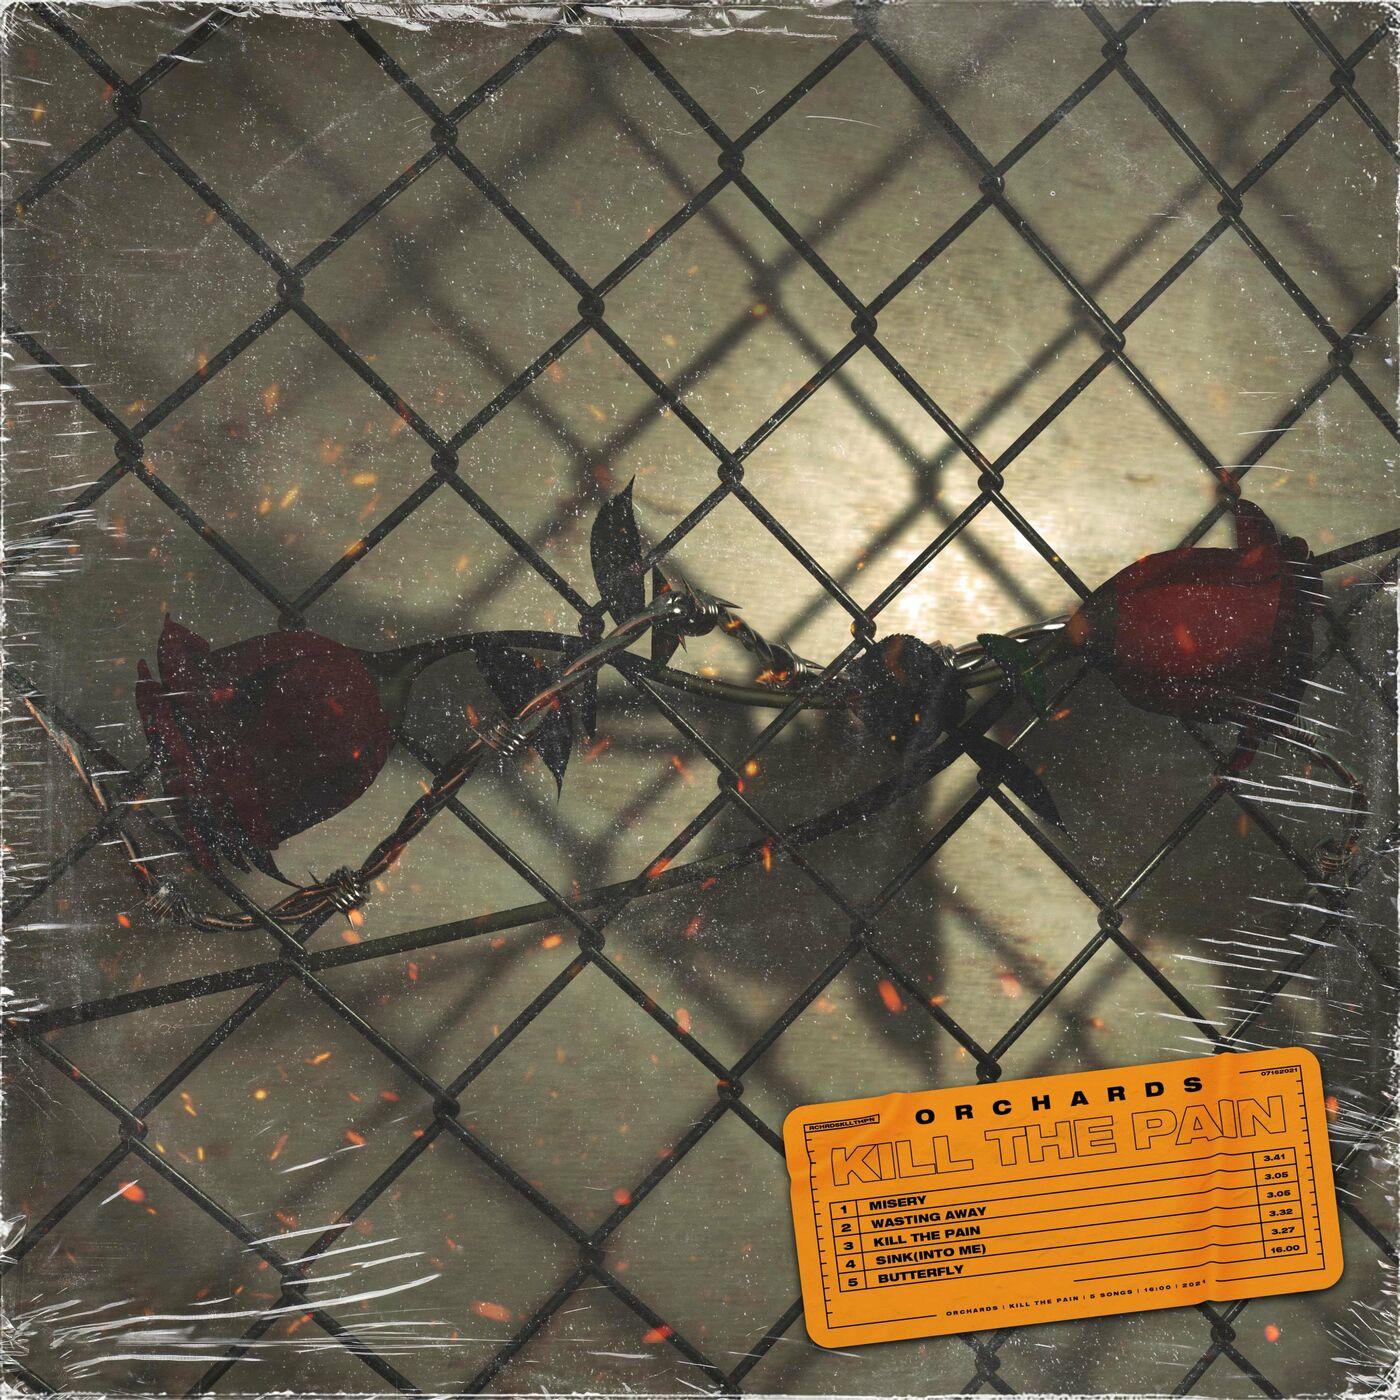 Orchards - Kill The Pain [single] (2021)